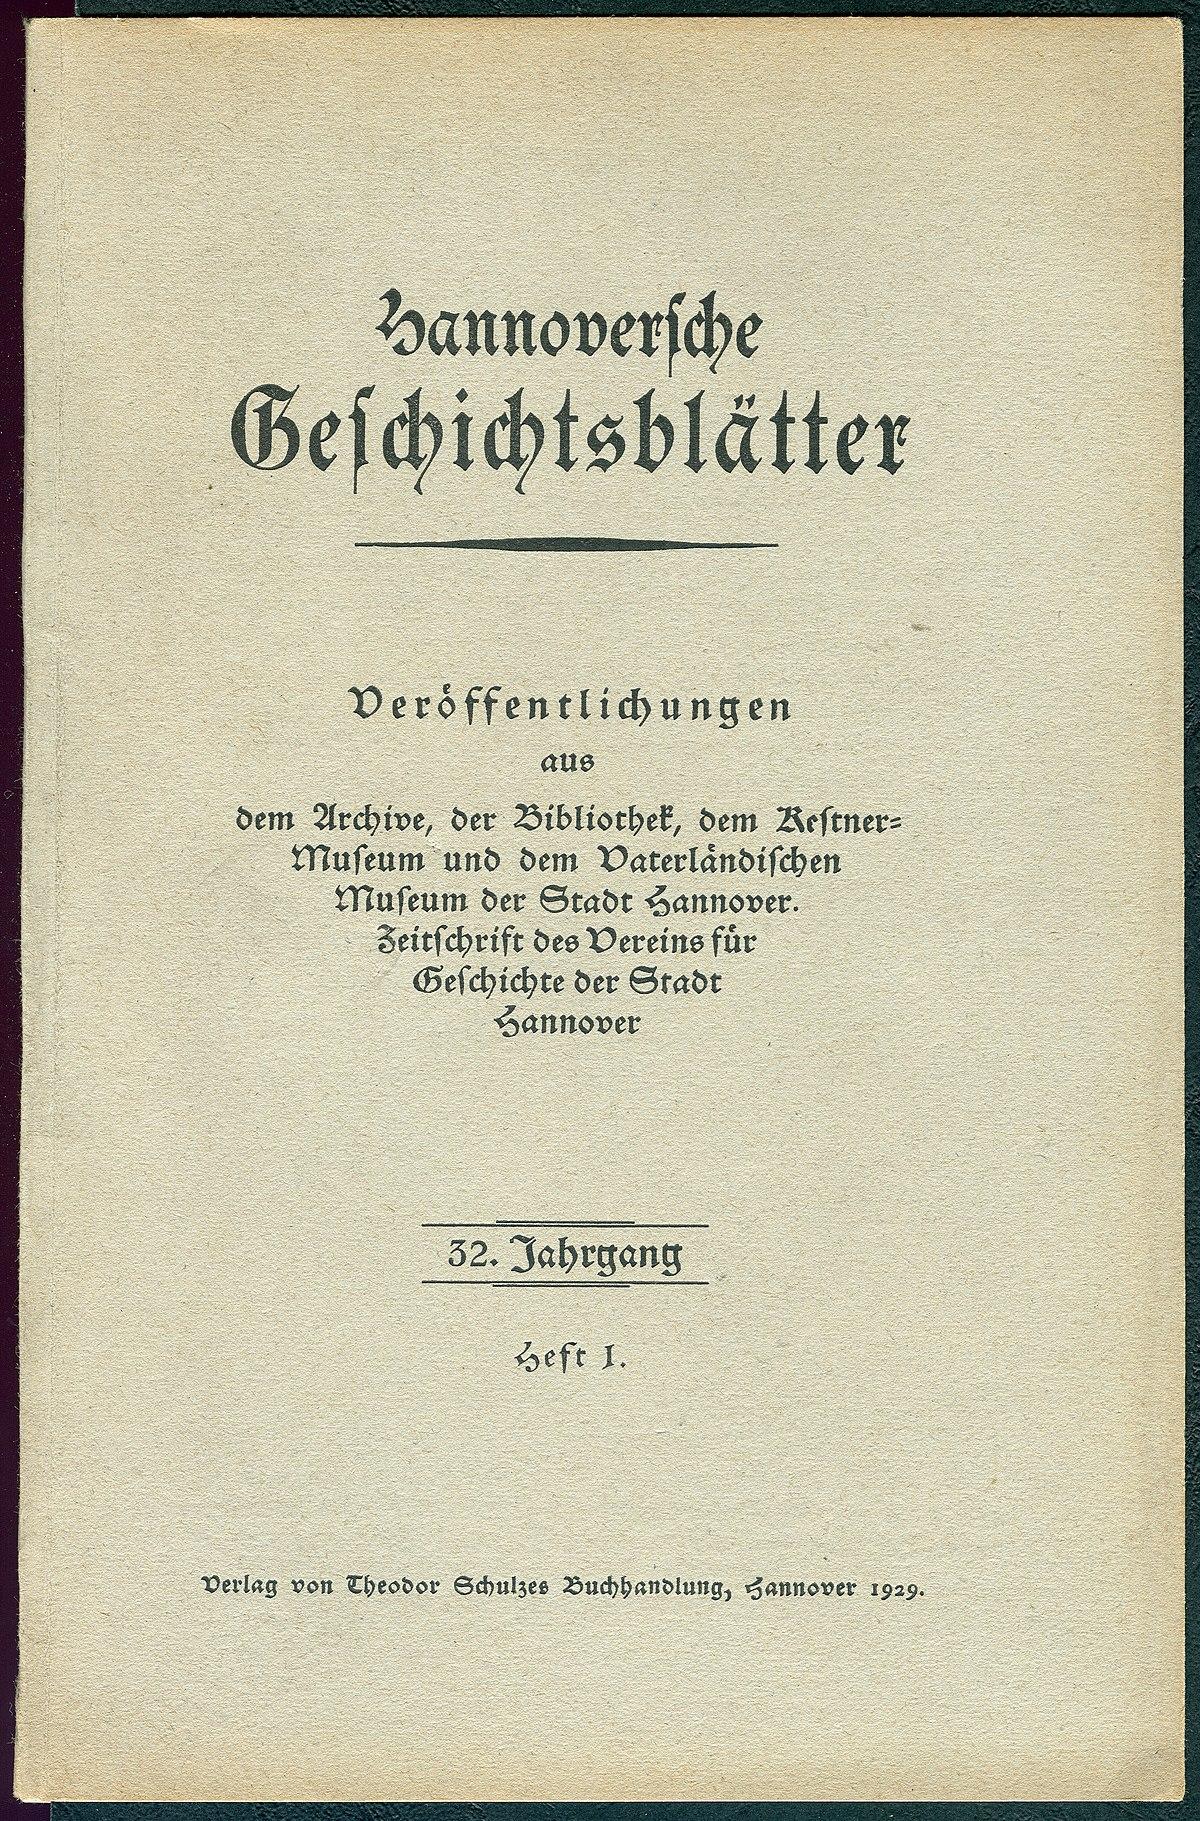 Hannoversche Geschichtsblätter – Wikipedia